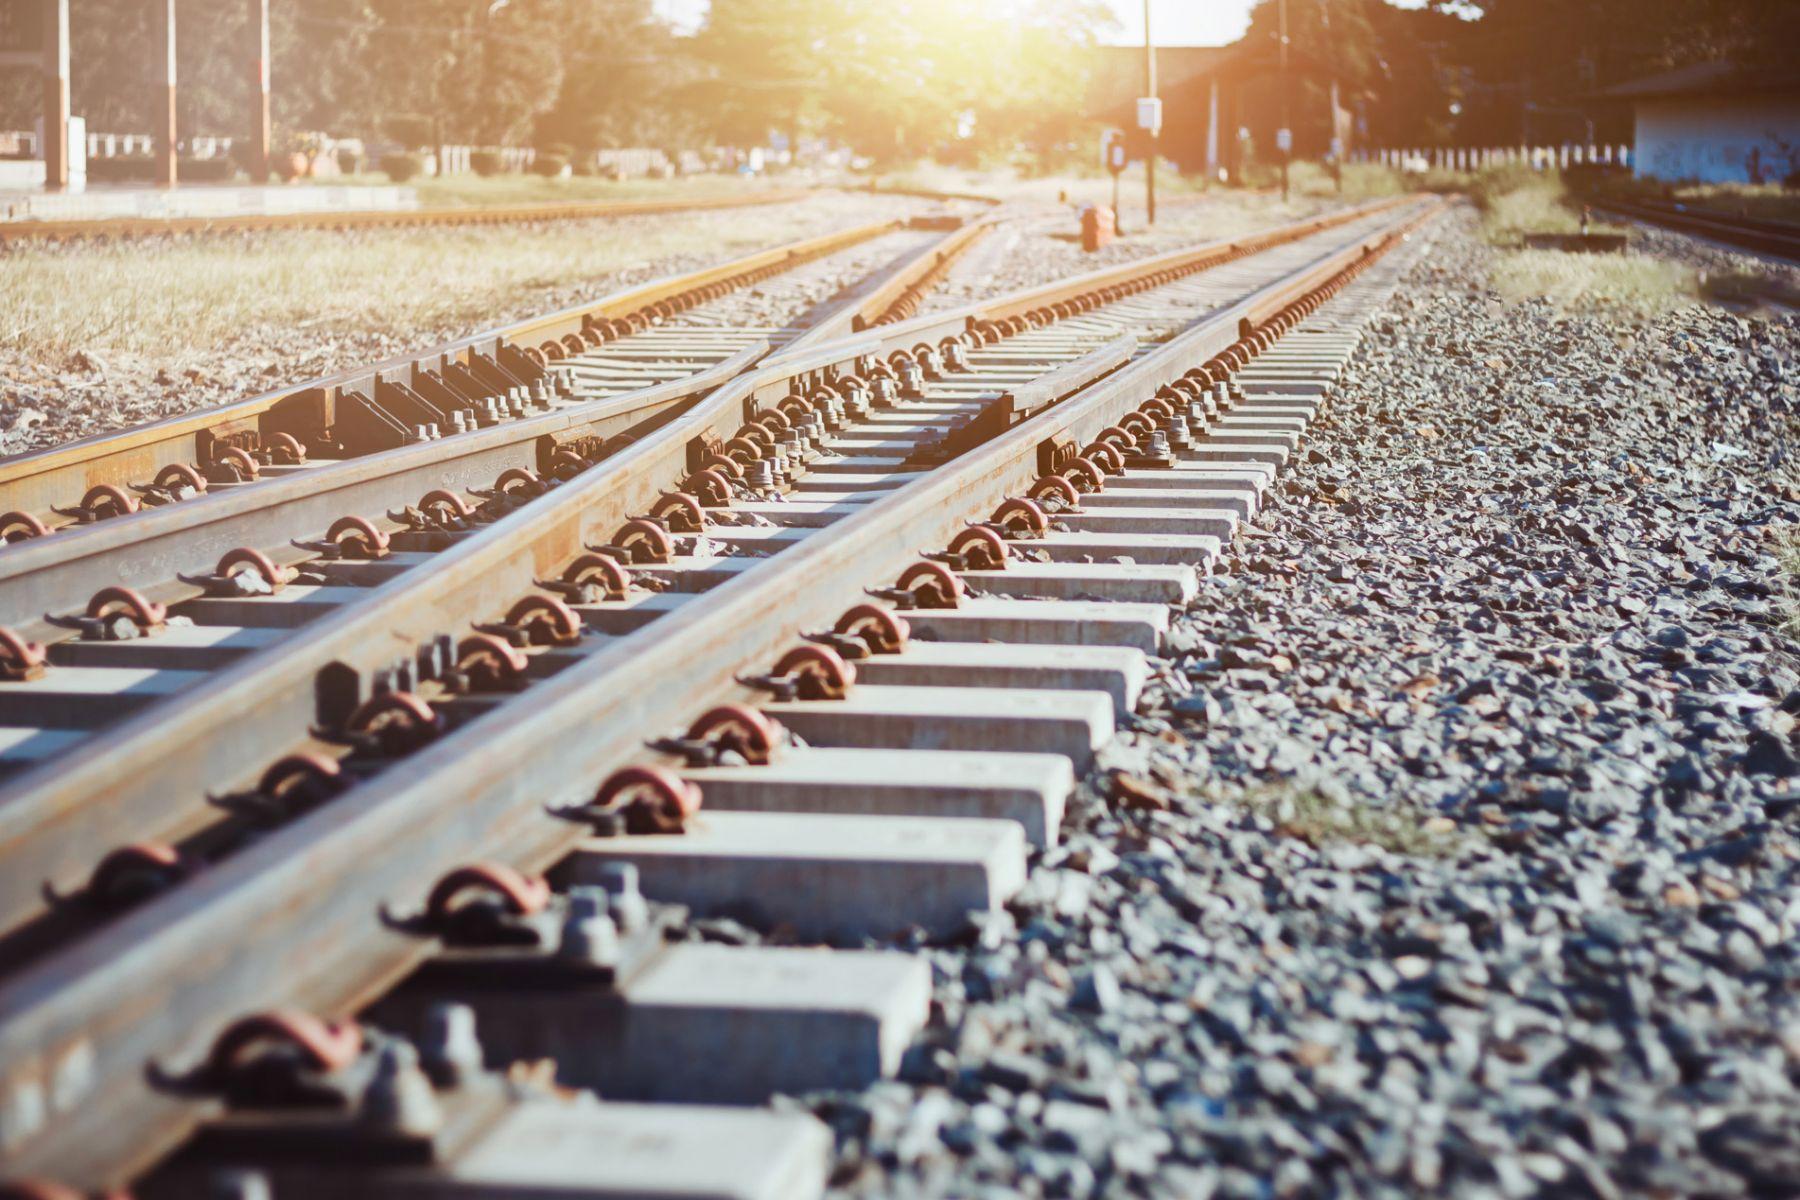 鐵路地下化 對房市影響是「去嫌惡設施」3大效應